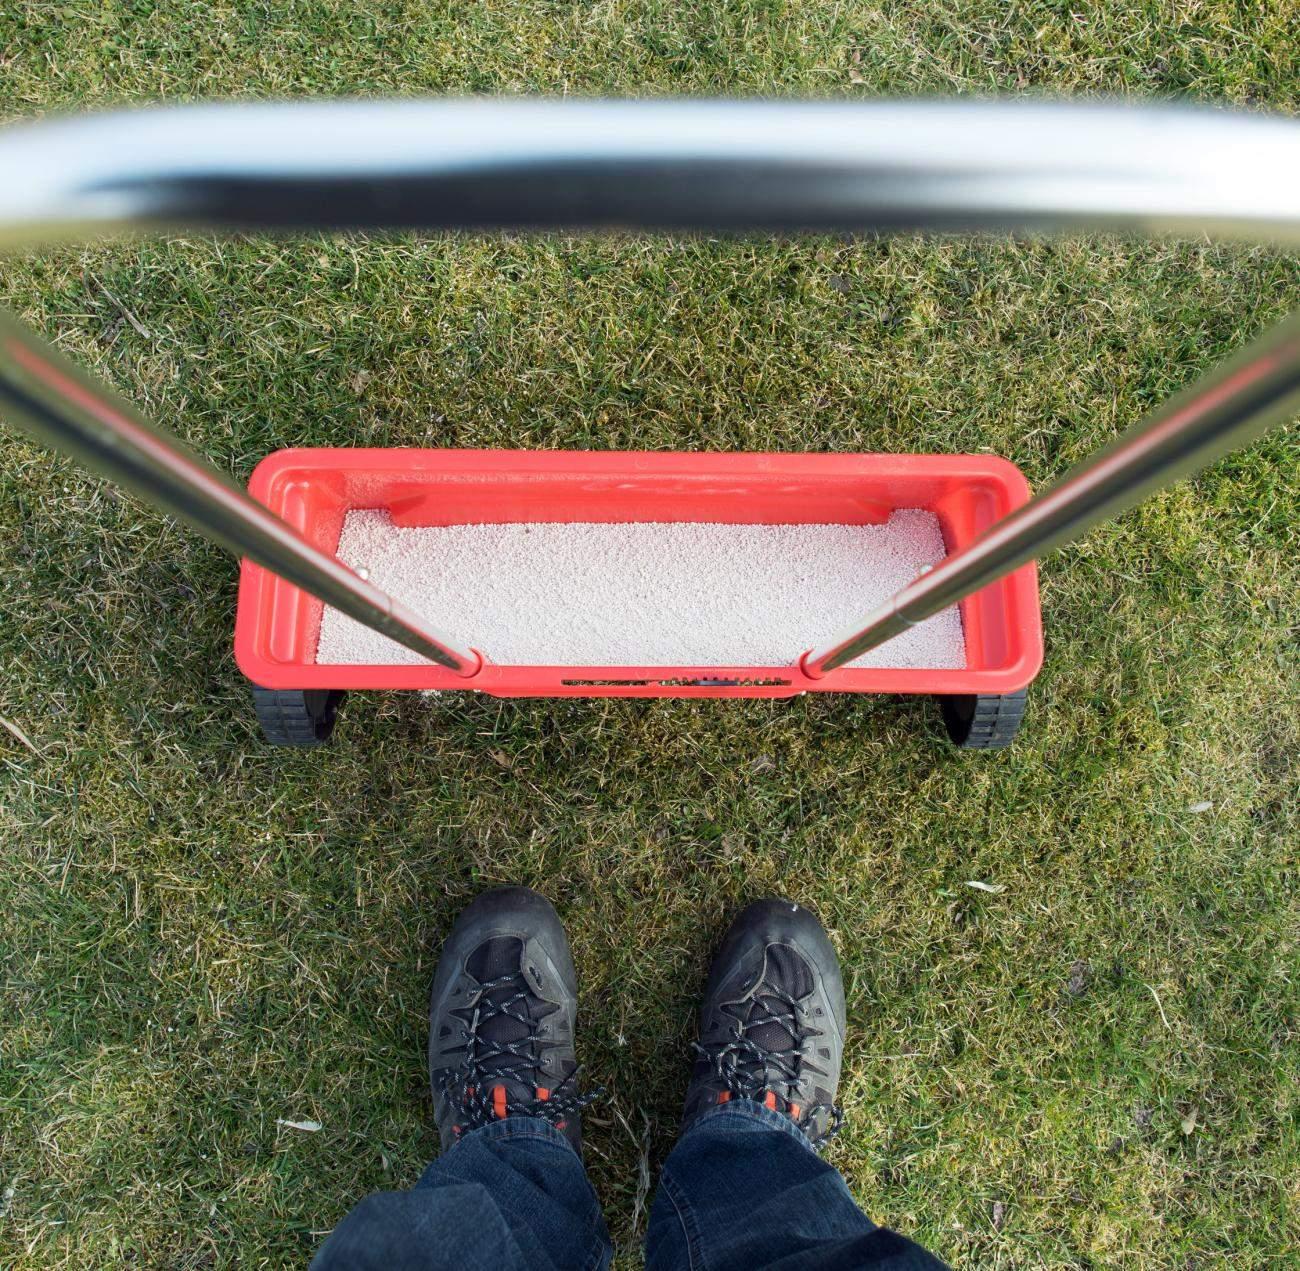 Schoenheitskur fuer den Rasen Tipps zum Duengen und Vertikutieren